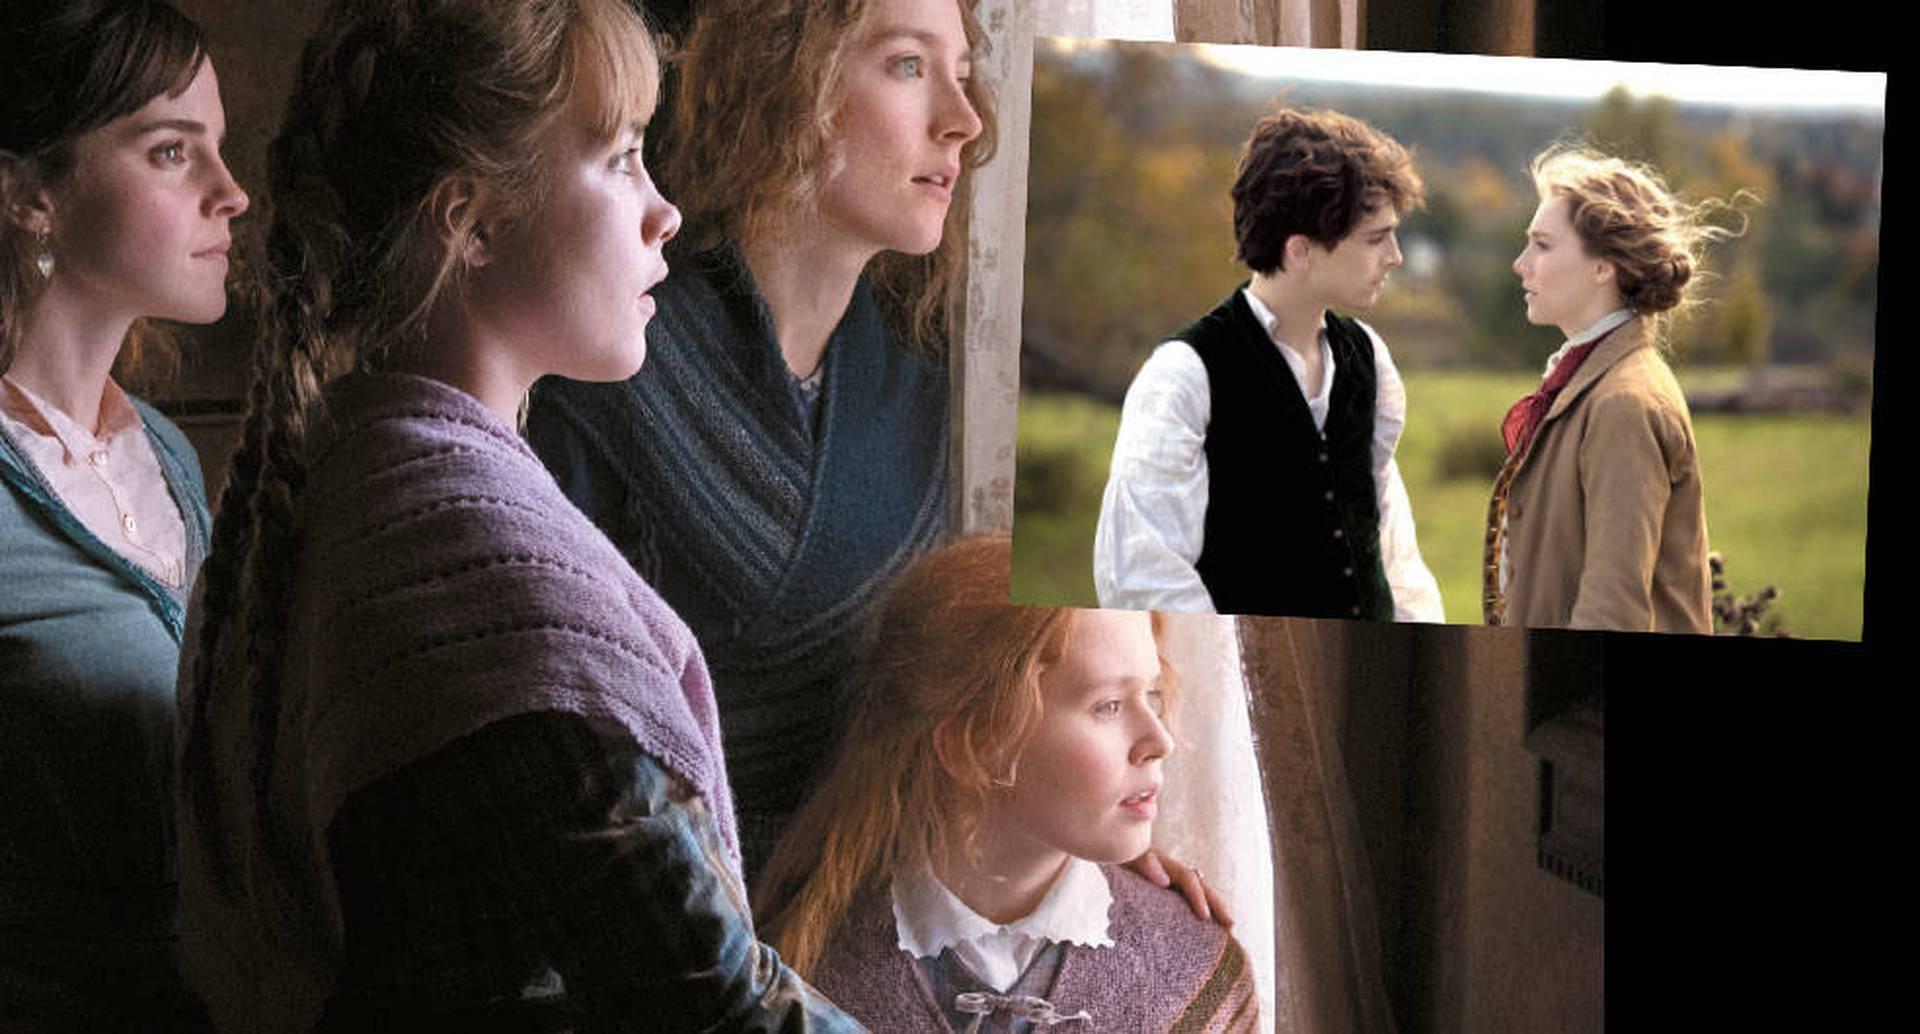 El segundo largometraje de Greta Gerwig alterna la historia de sus protagonistas en distintos planos temporales.